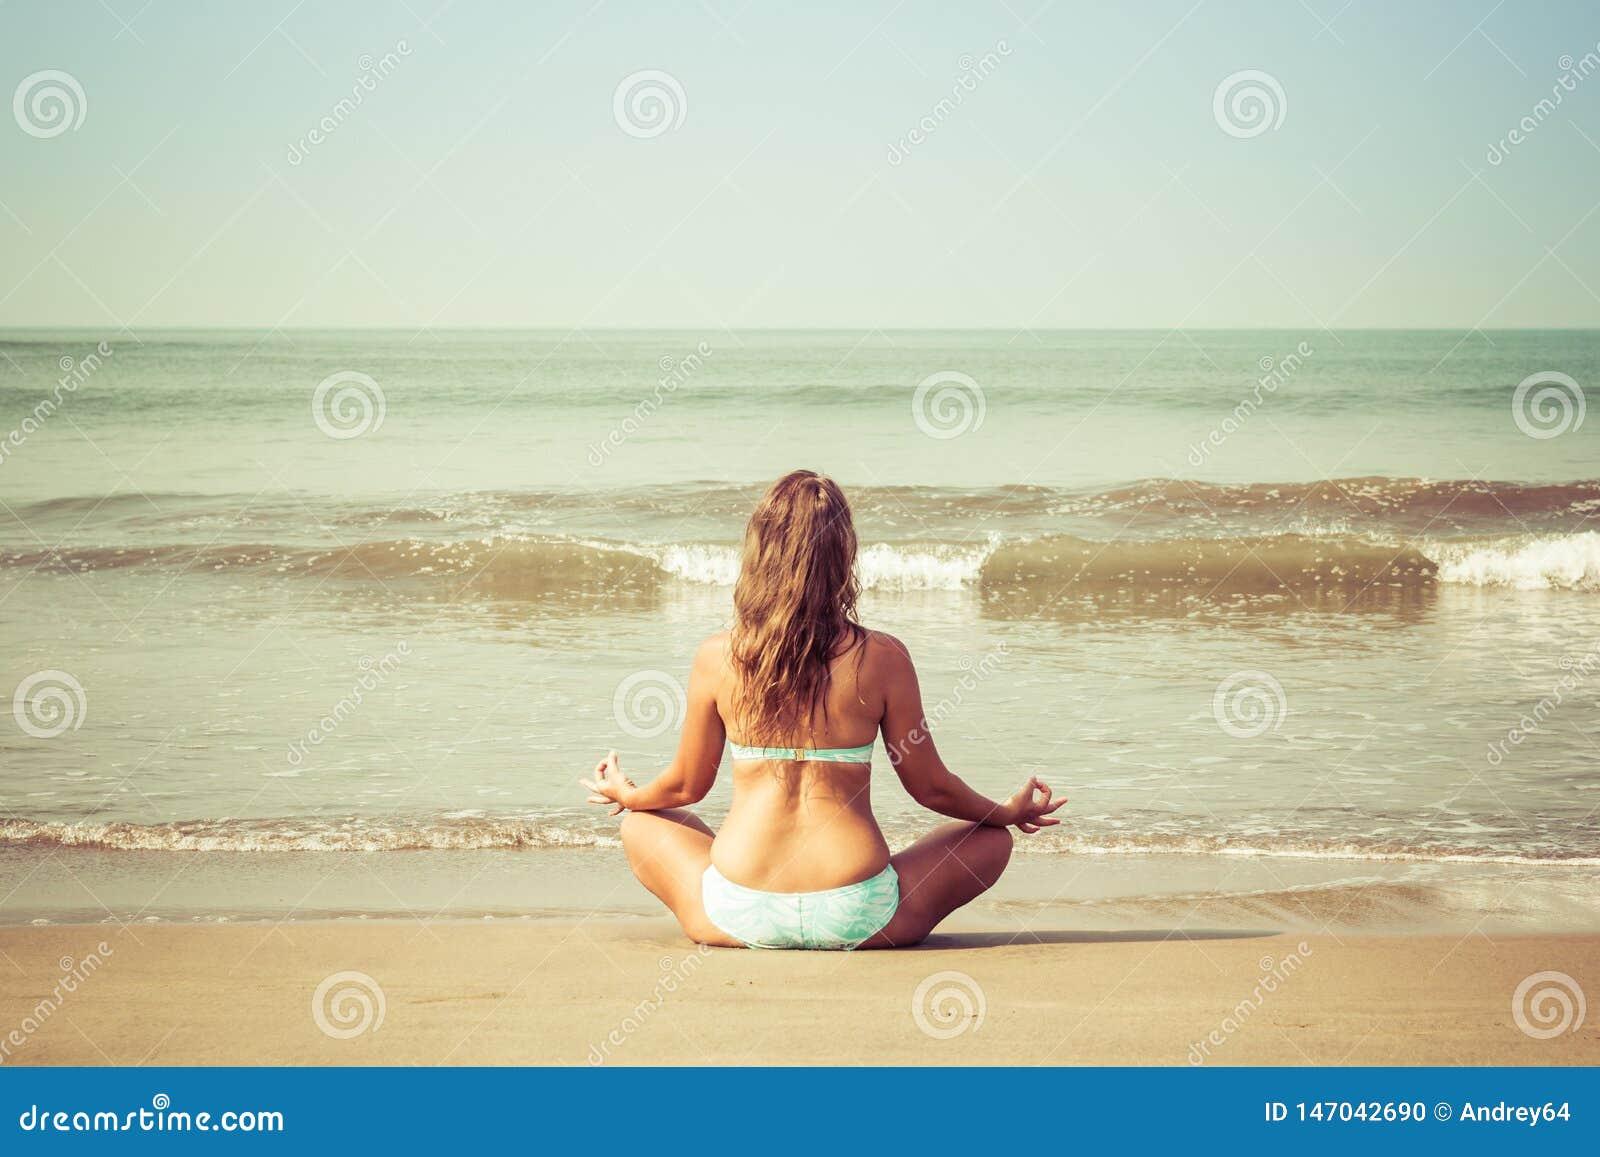 Junge Frau meditiert, sitzend auf dem Ozean